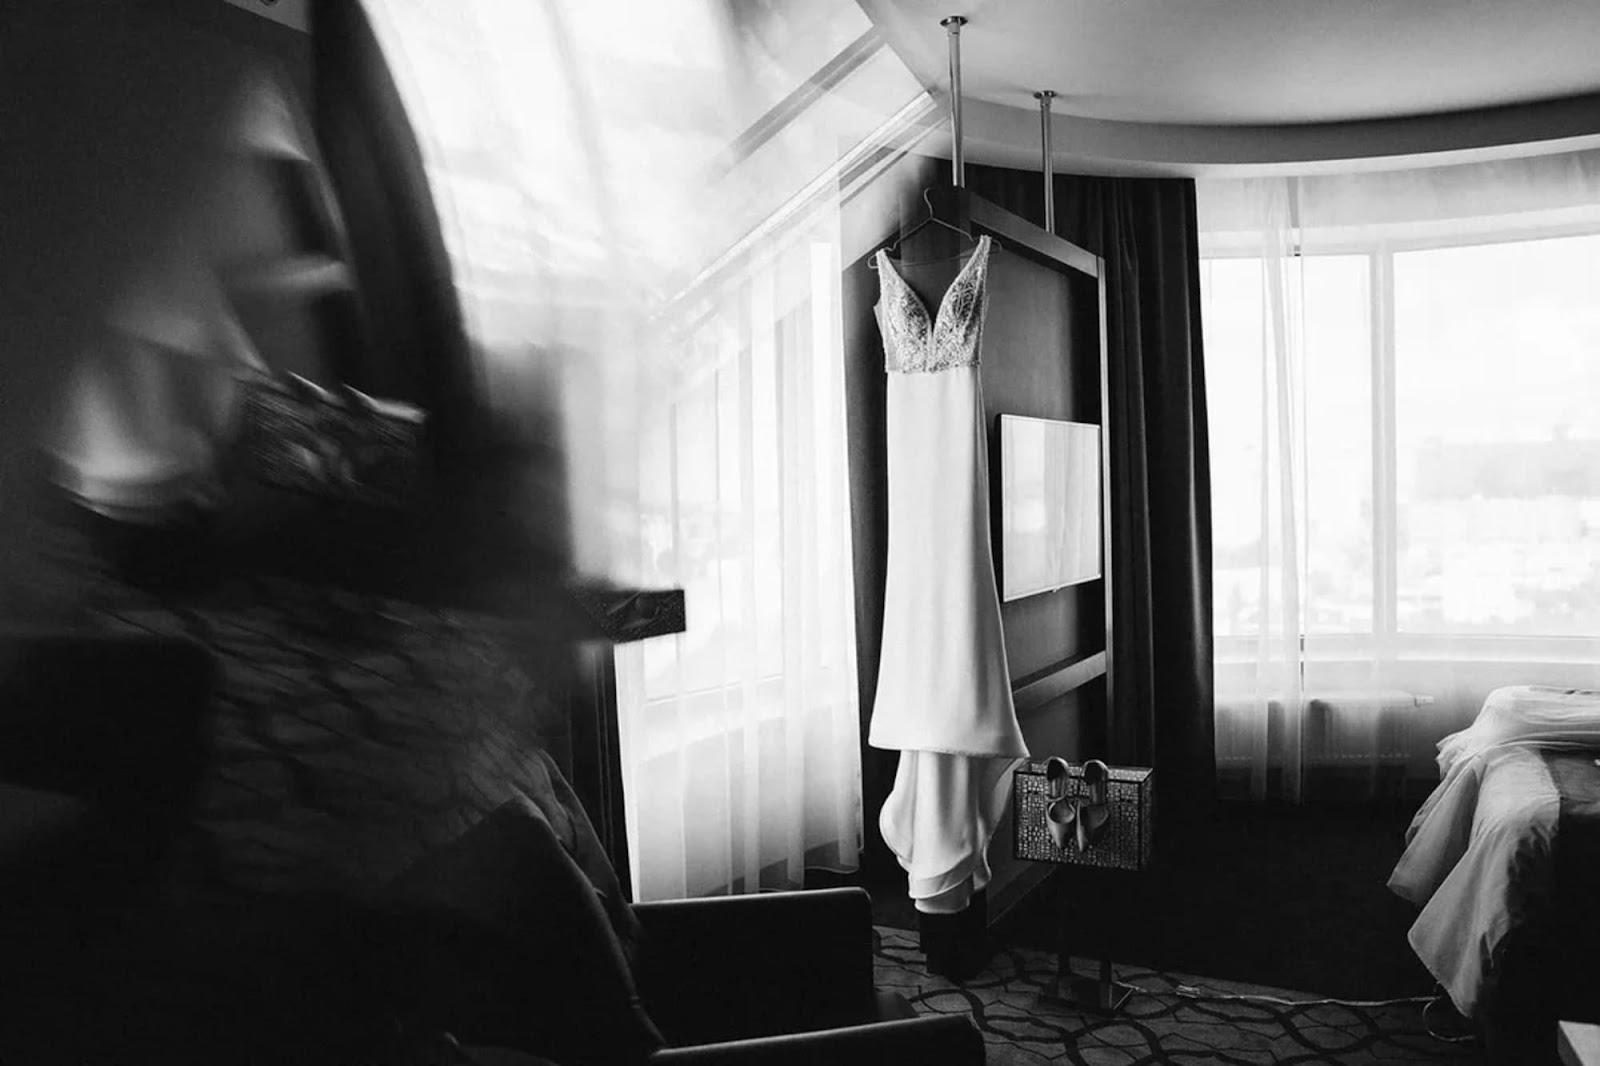 Изображение выглядит как внутренний, окно, комната, кровать  Автоматически созданное описание